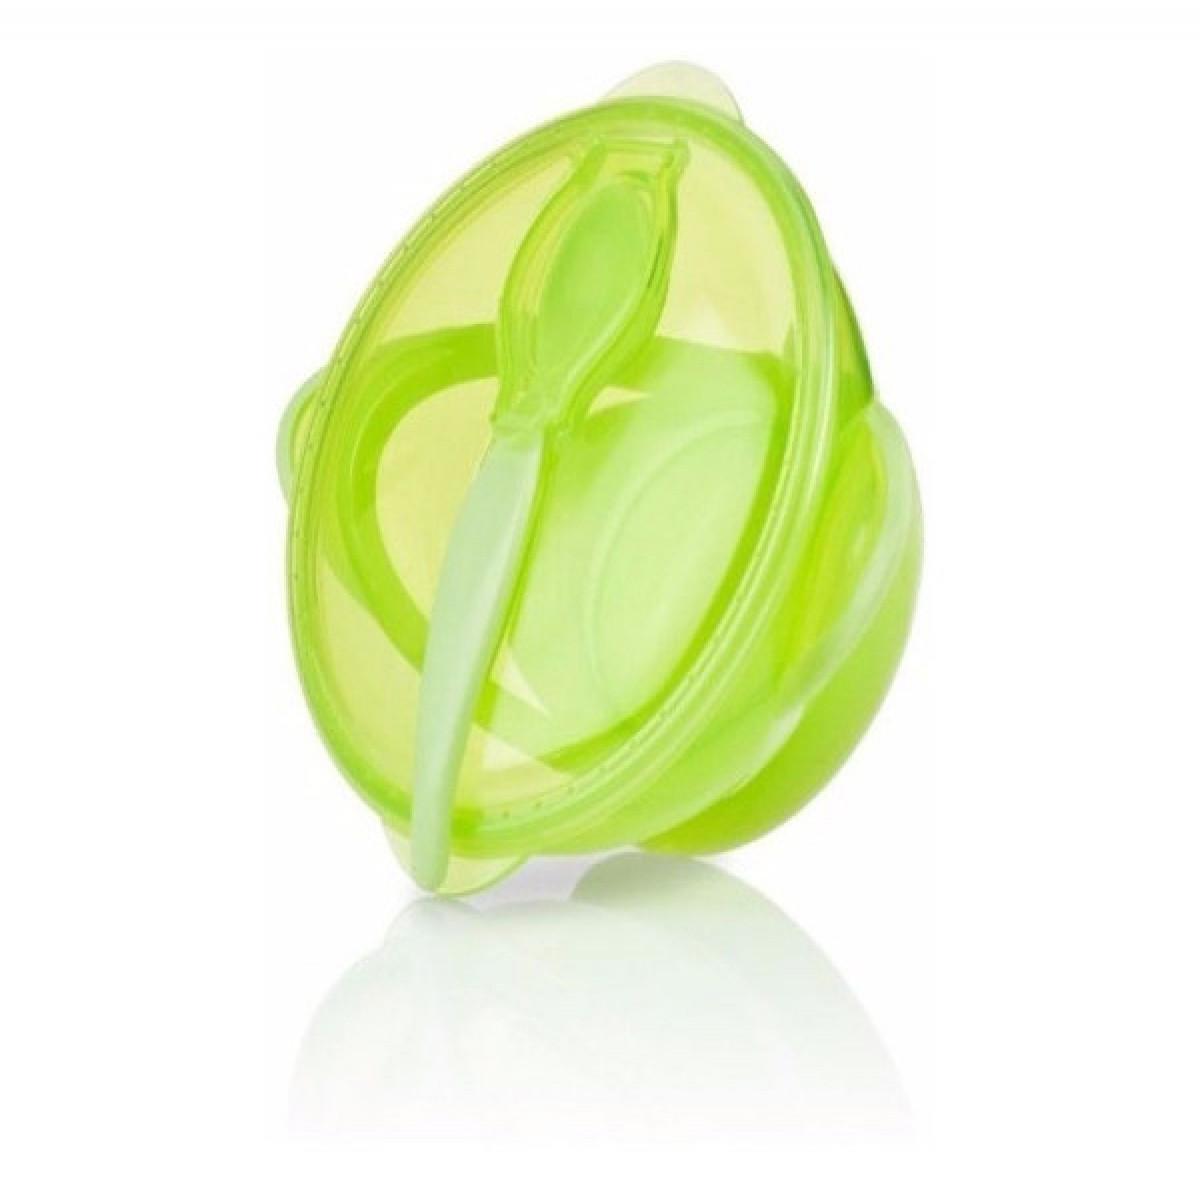 Plato térmico con cuchara Nuby verde